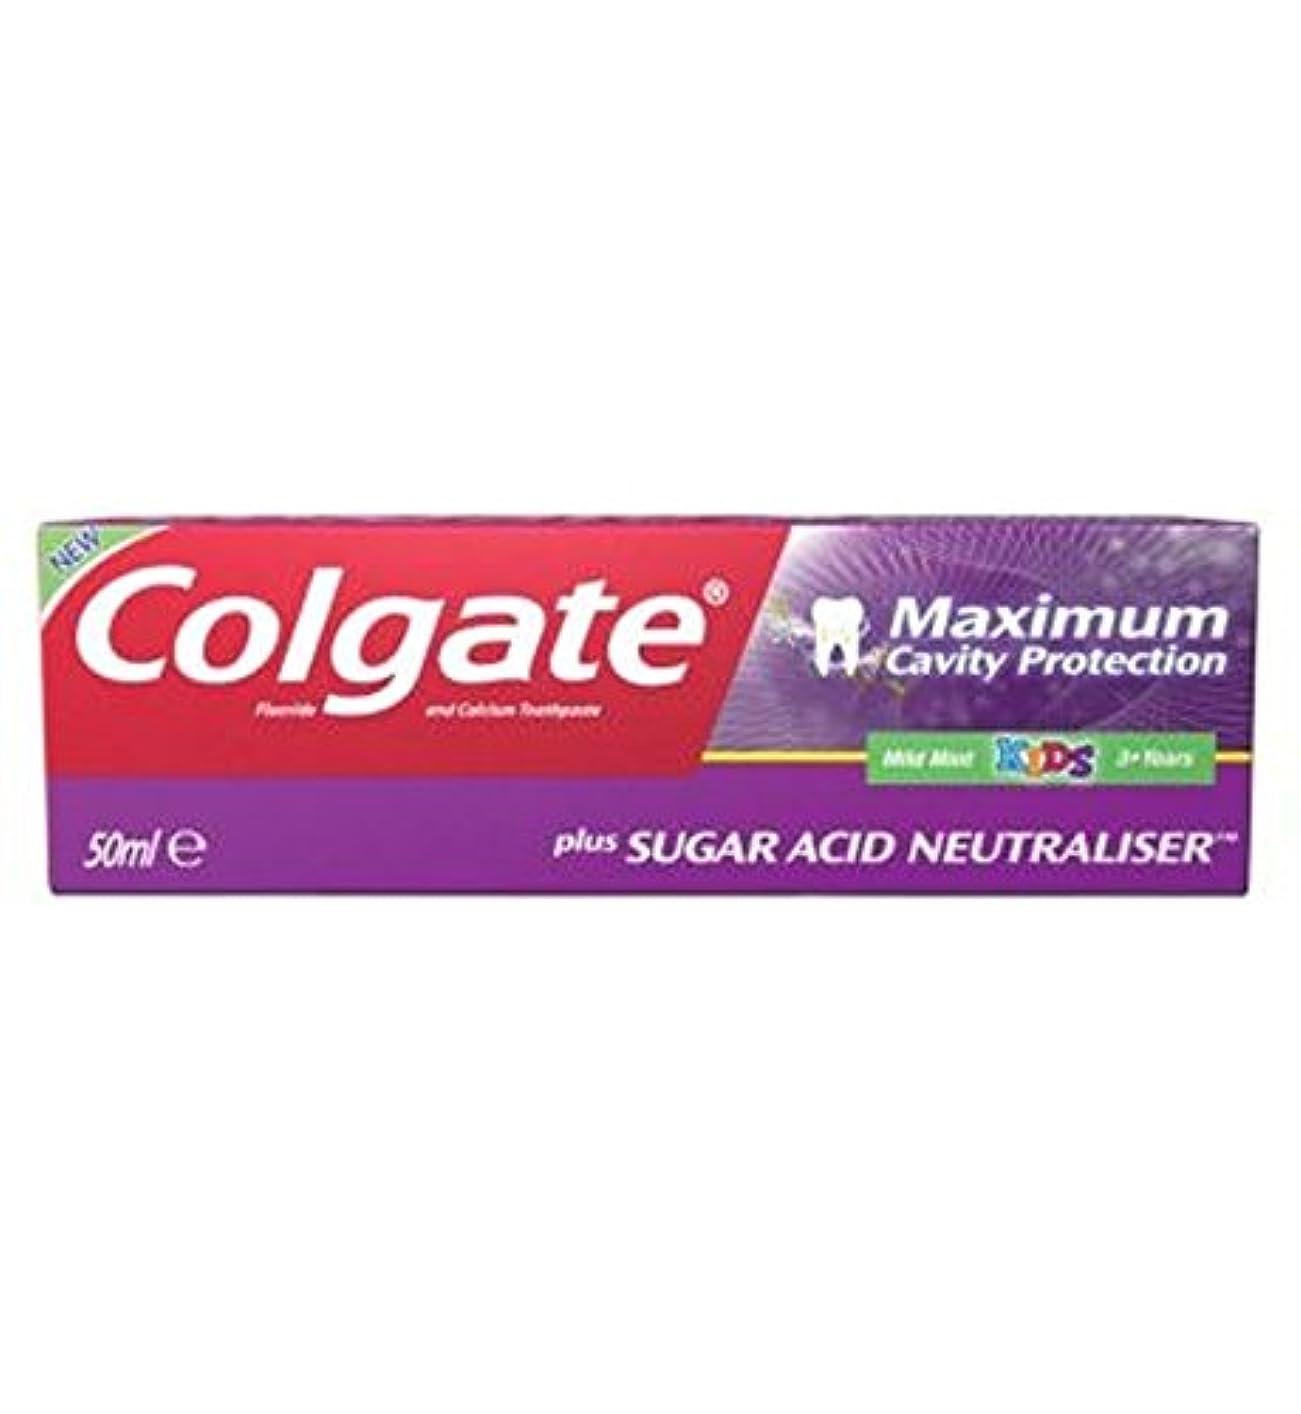 緊急廃止する火山学者コルゲート最大空洞の保護に加えて、糖酸中和剤の子供の歯磨き粉50ミリリットル (Colgate) (x2) - Colgate Maximum Cavity Protection plus Sugar Acid Neutraliser Kids Toothpaste 50ml (Pack of 2) [並行輸入品]